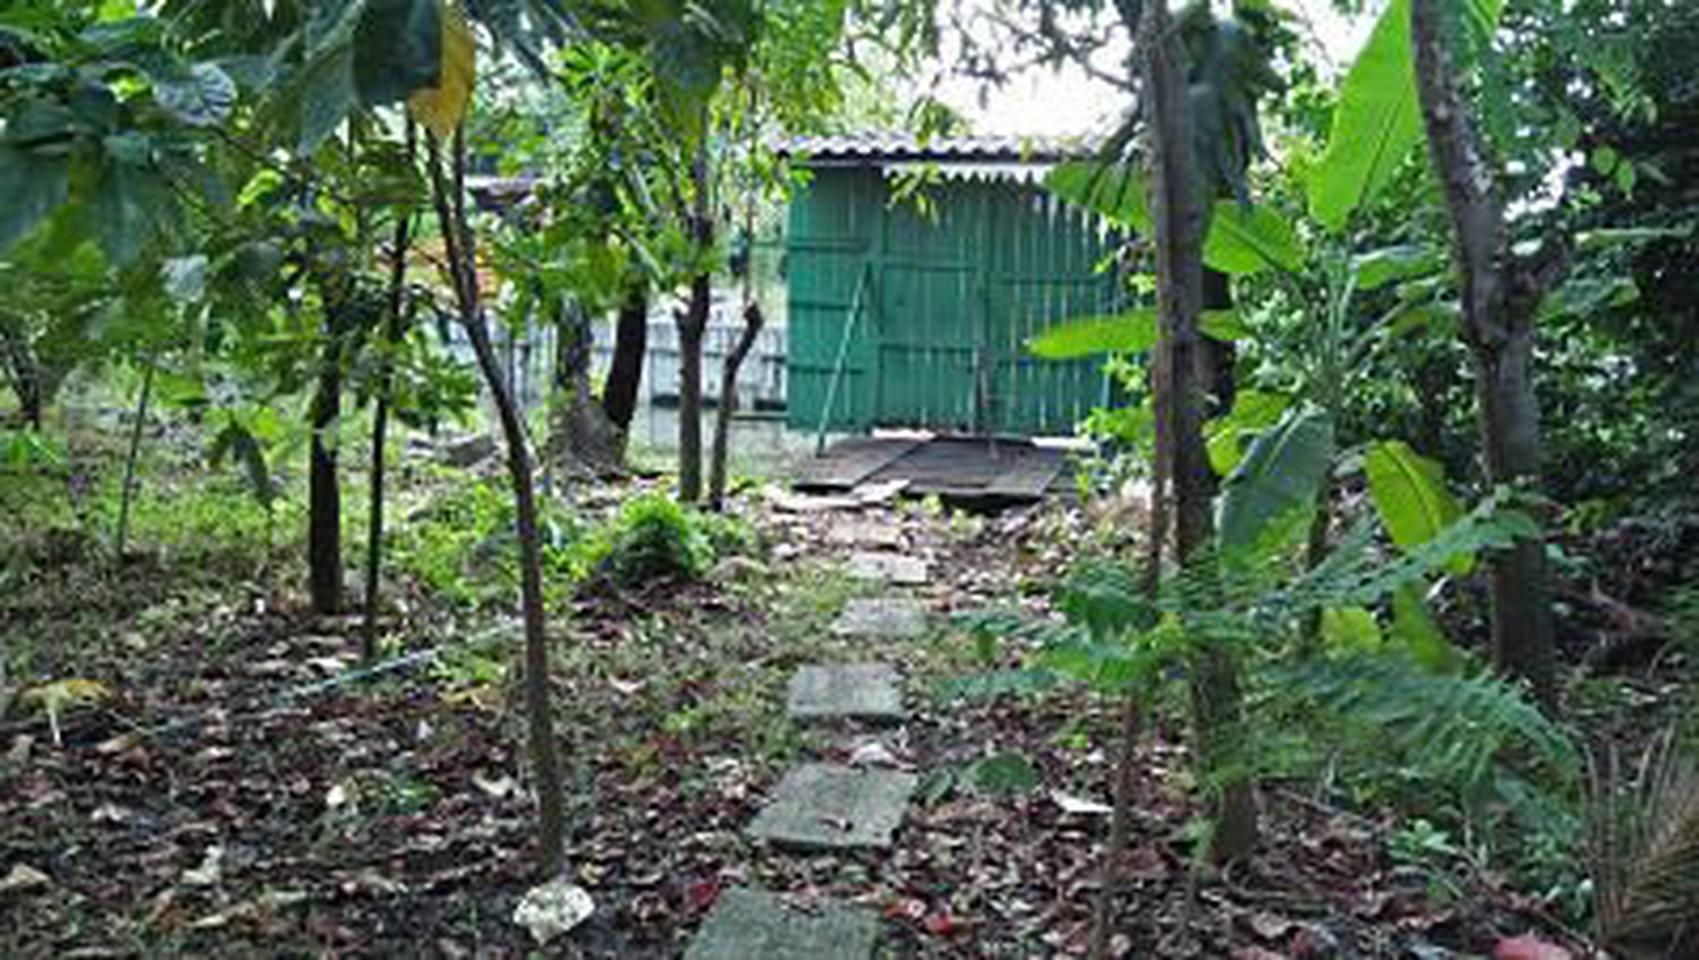 ที่ดินสวนป่าธรรมชาติติดลำคลอง ร่มรื่น บรรยากาศชานเมือง โฉนด  รูปที่ 1